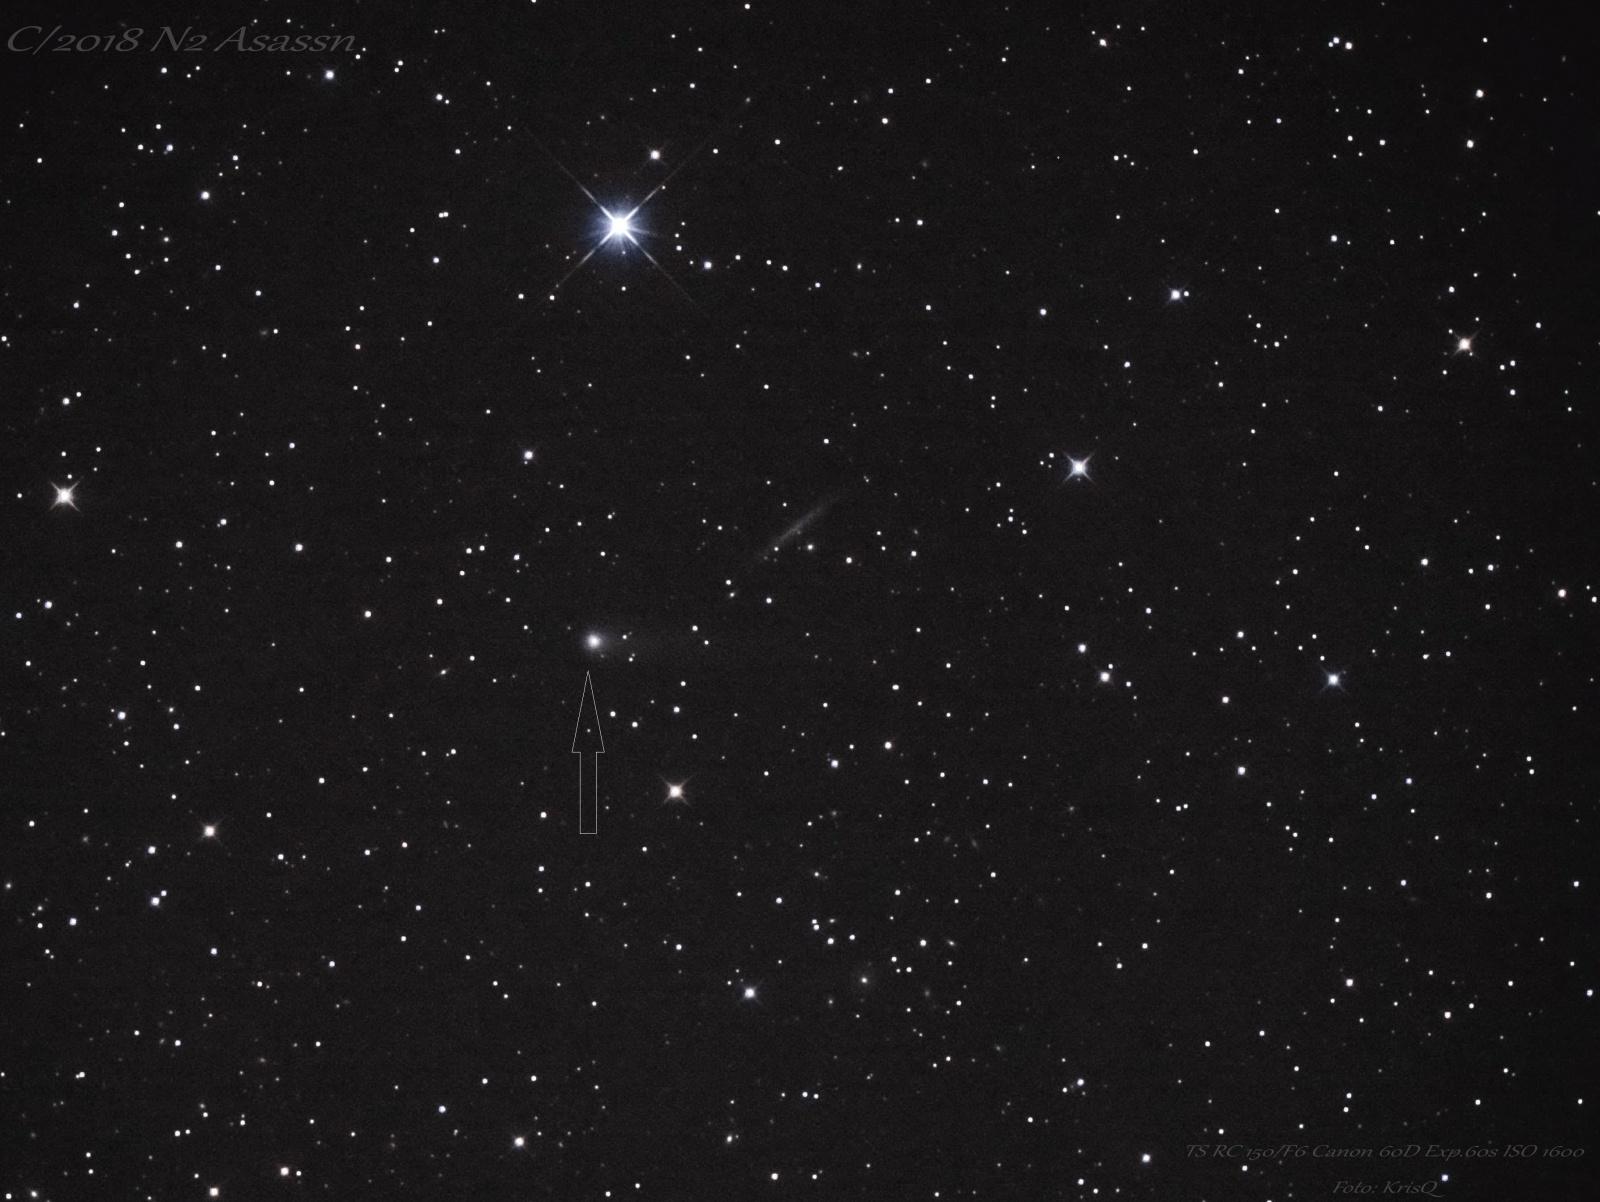 cometa.jpg.e19ee86e388f1e408172845c0cd0e5e7.jpg